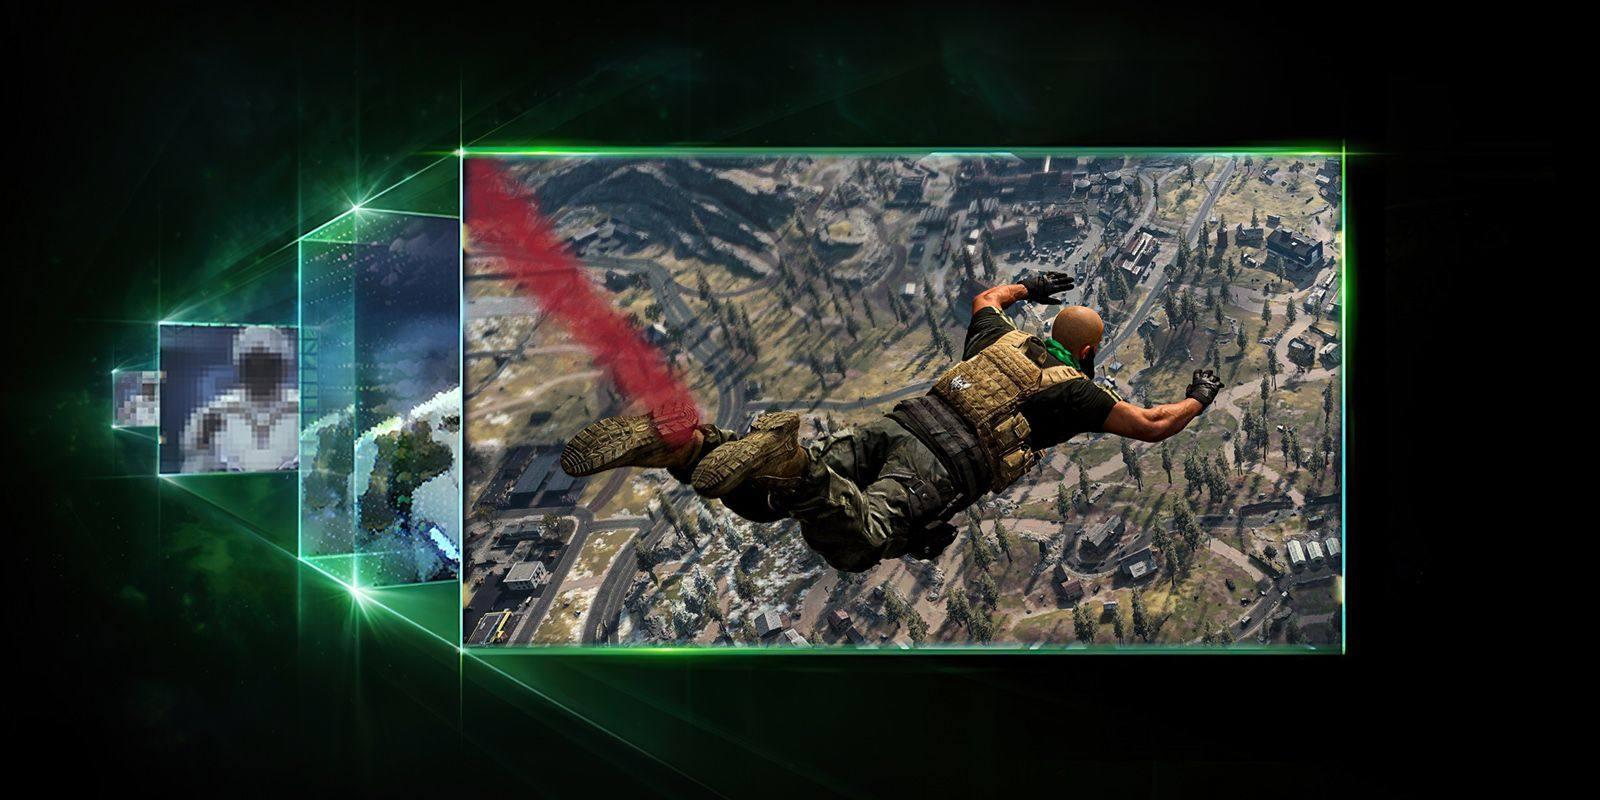 《使命召唤:战区》将于4月22日实装DLSS支持